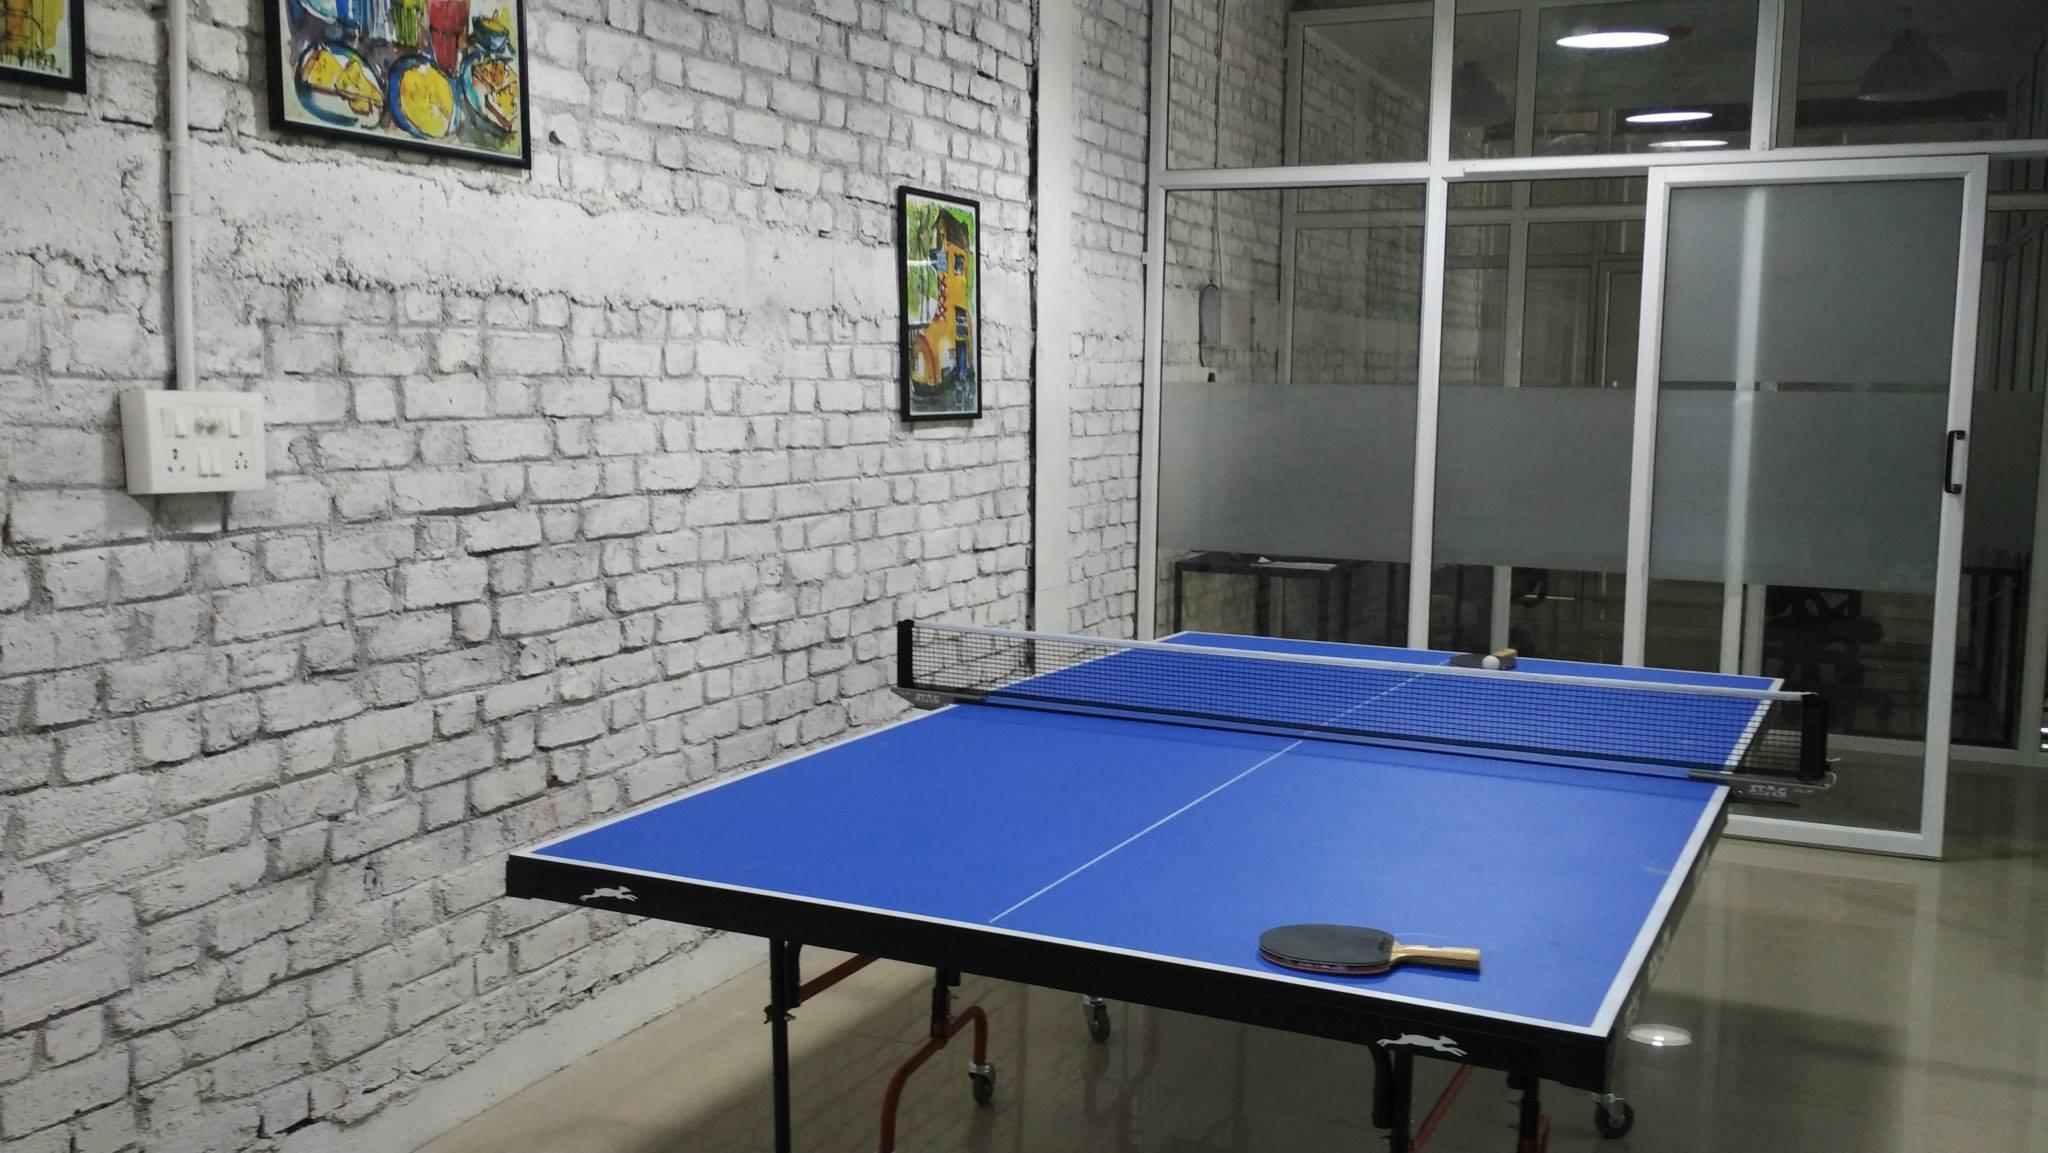 91springboard Navi Mumbai, Navi Mumbai